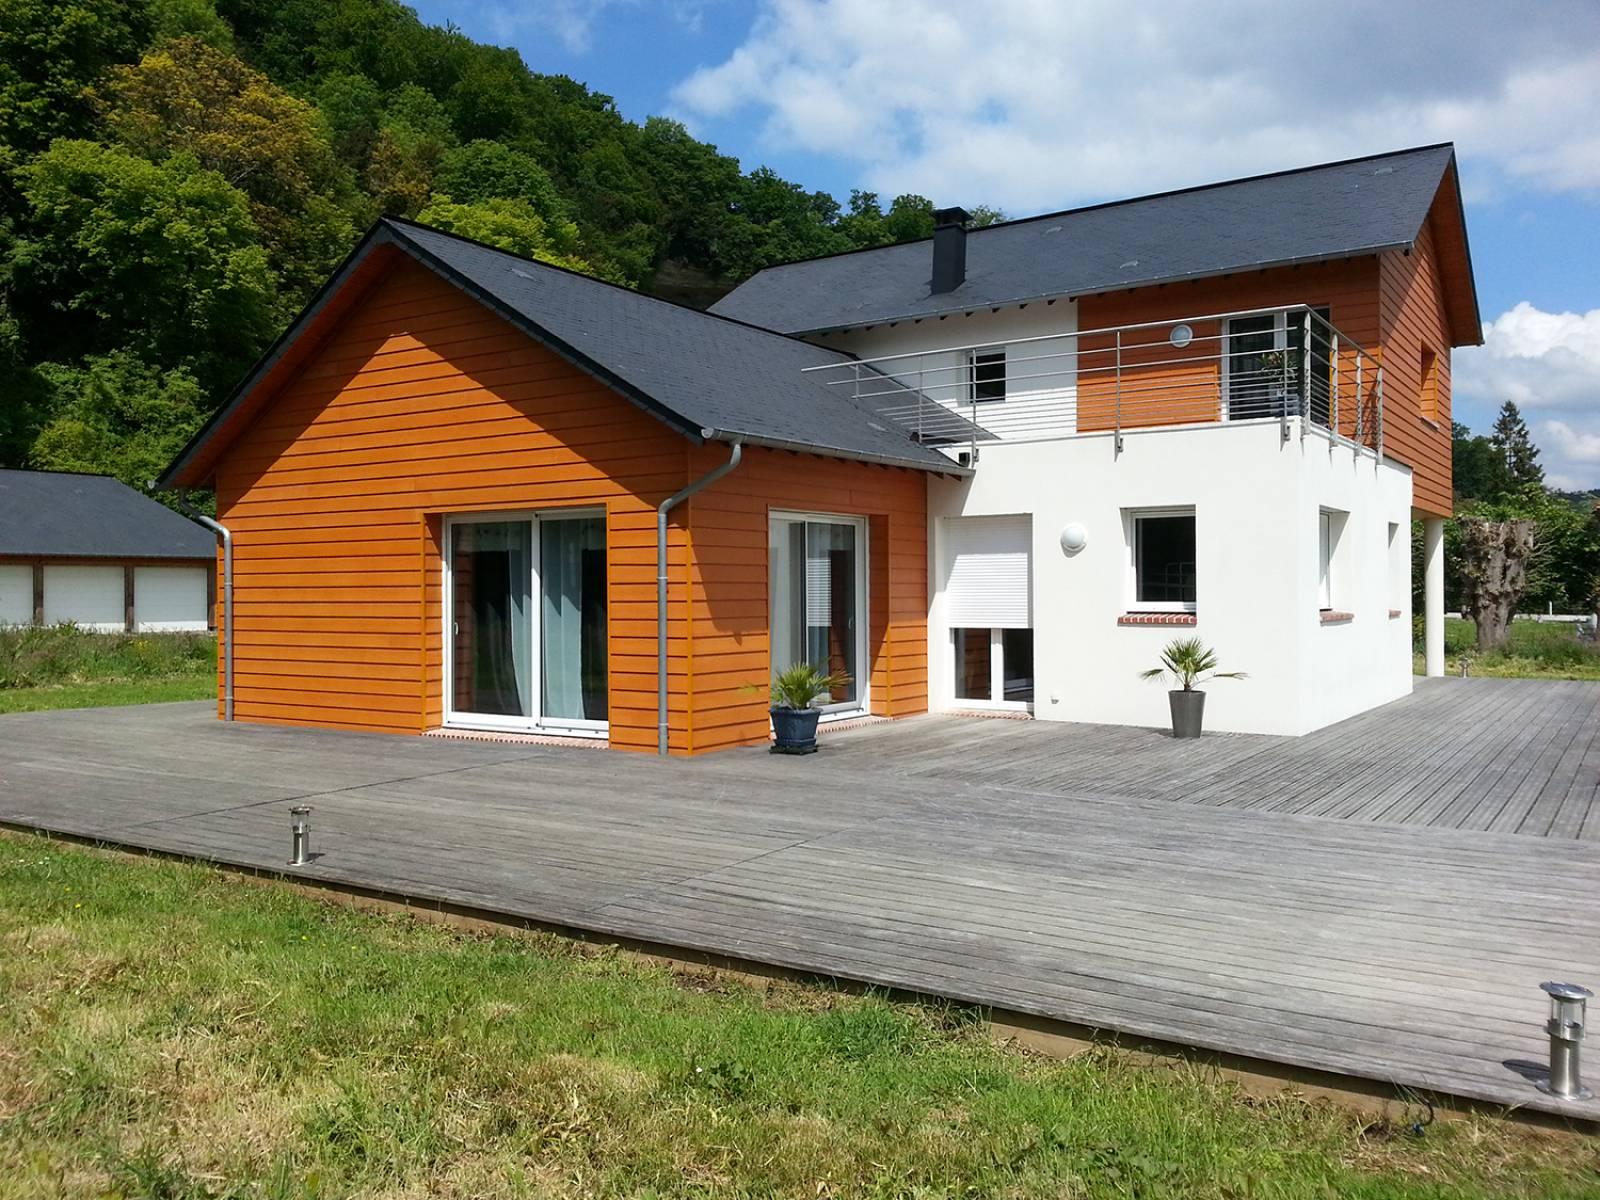 Maison mixte moderne et contemporaine, proche de Rouen en Seine ...